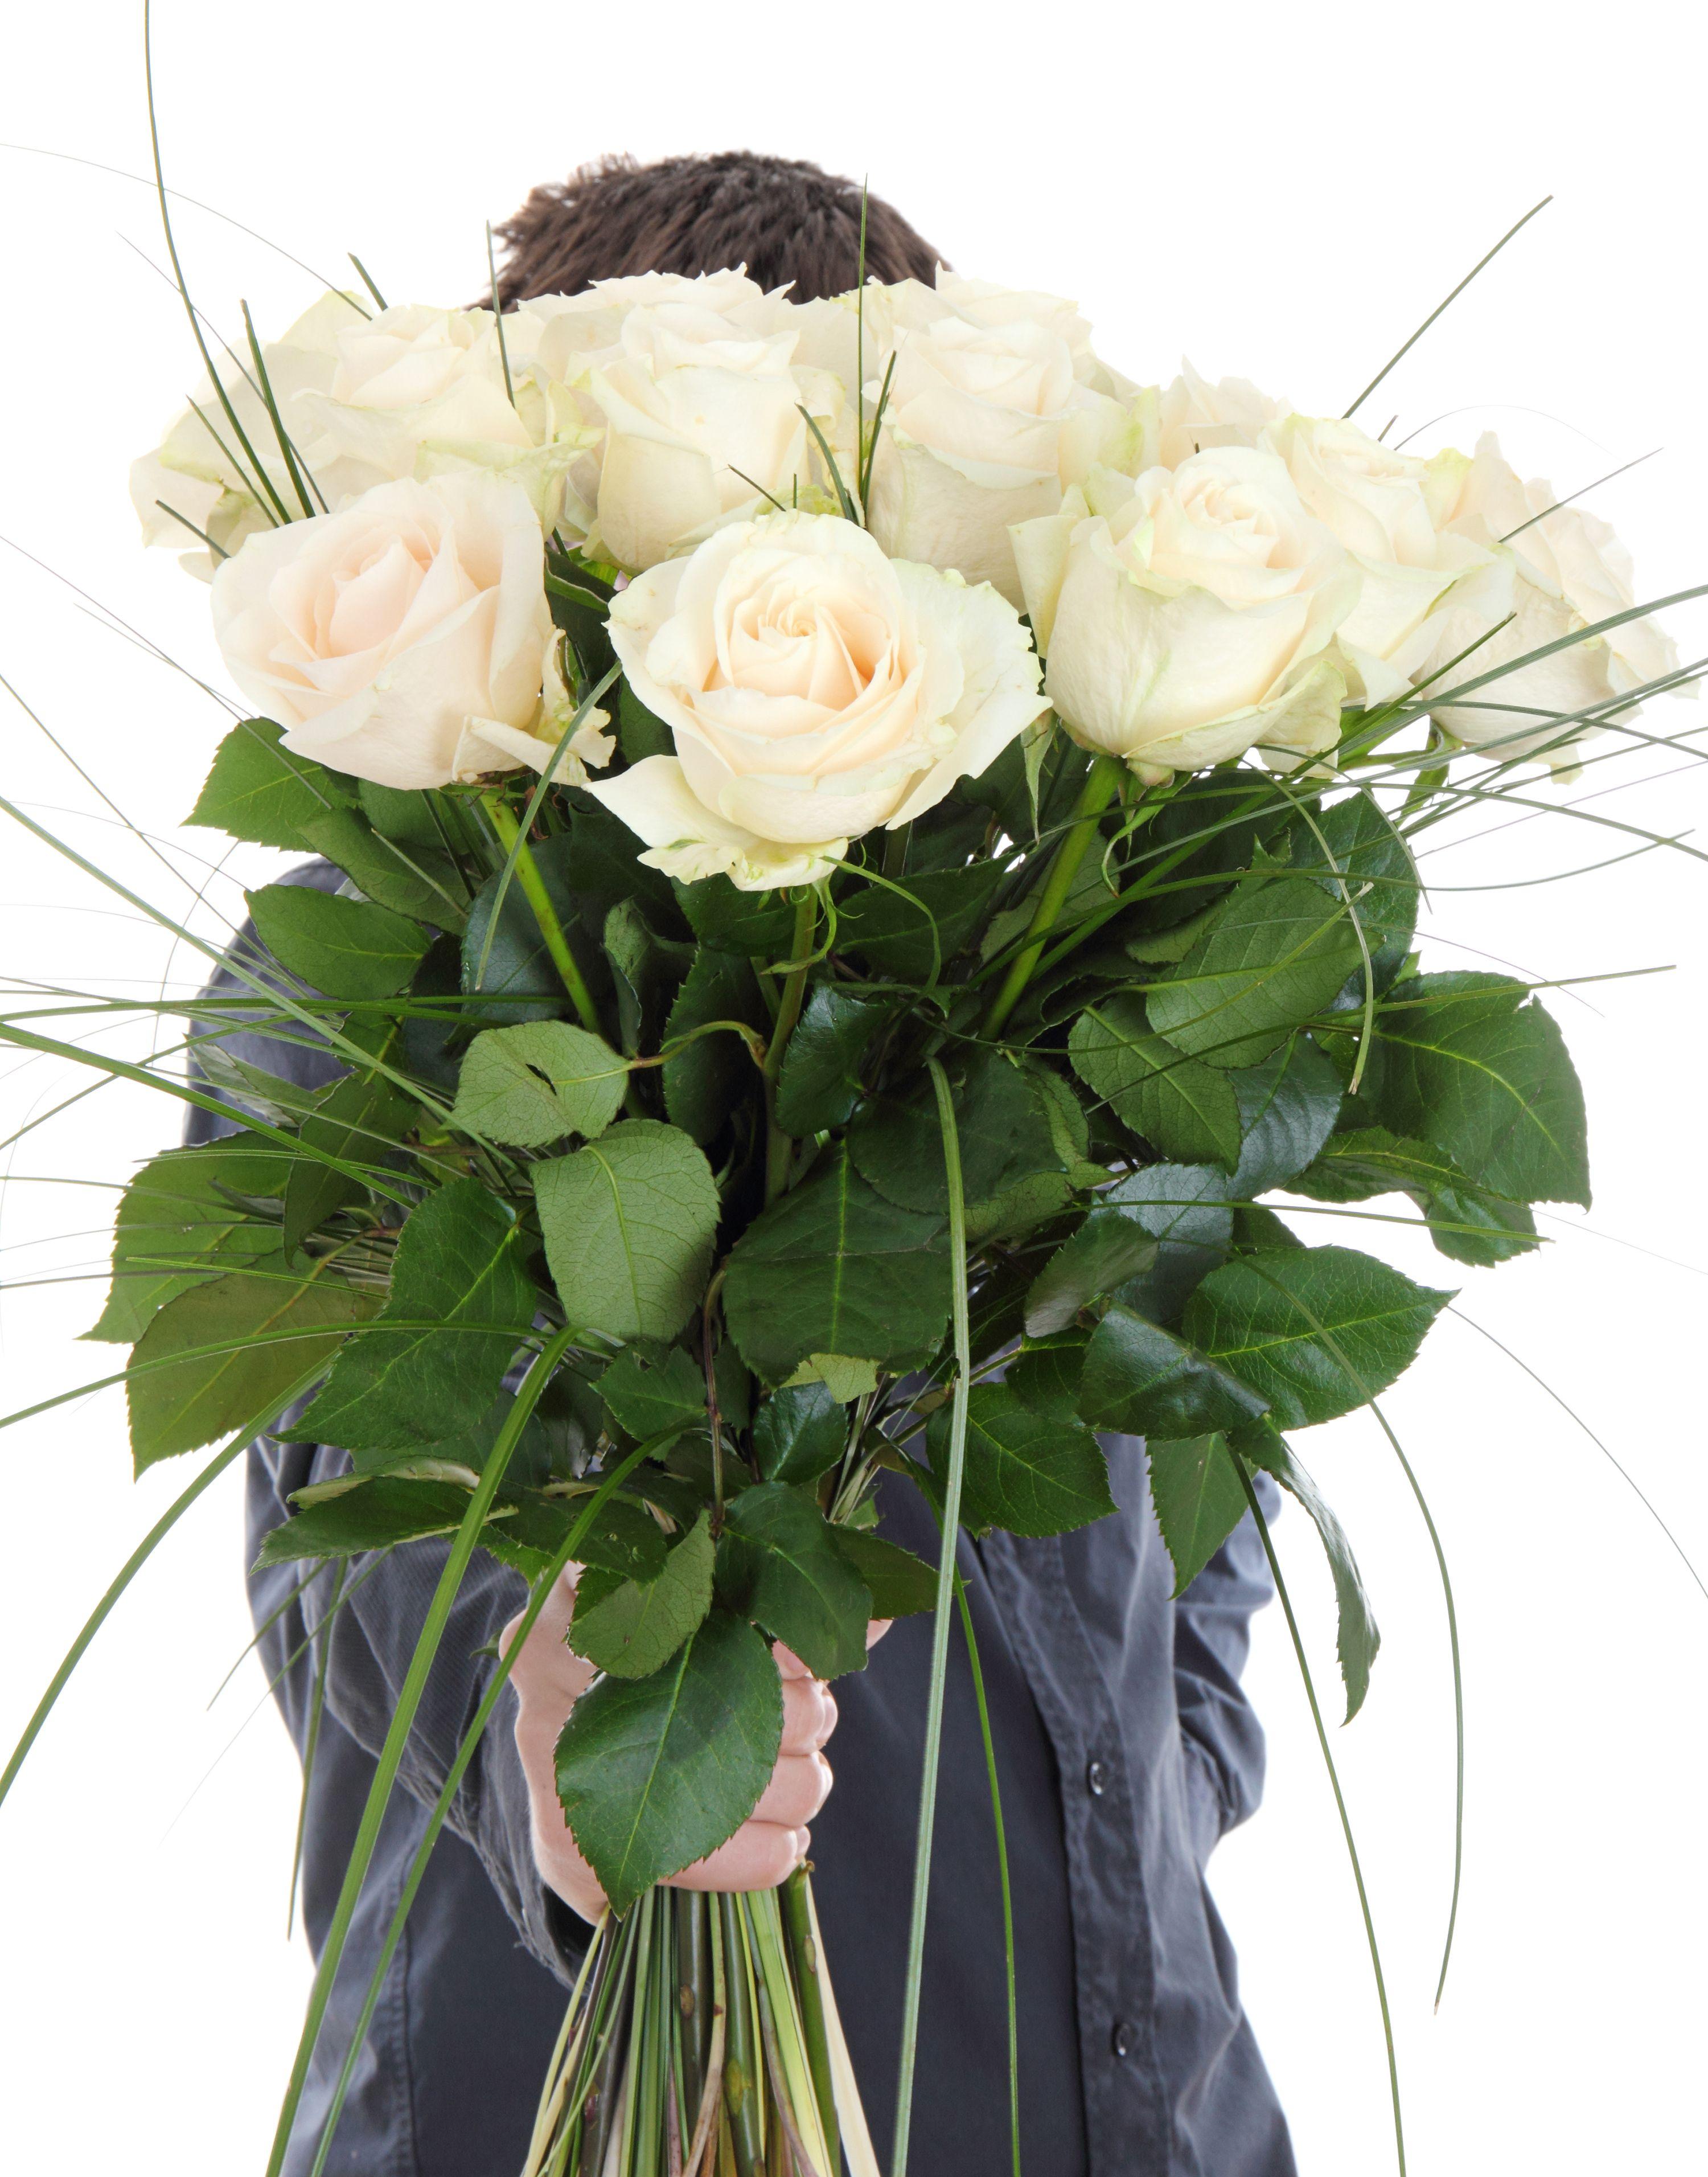 Роза Белая — чистота, невинность, скромность. Желтая — счастье, радость: «Ты мое солнце» — никакого отношения к разлуке. Красная — любовь, страсть: «Я не могу без тебя». Кремовая — элегантность, гармония, совершенство. Розовая — наивысшее счастье. Фото: SHUTTERSTOCK